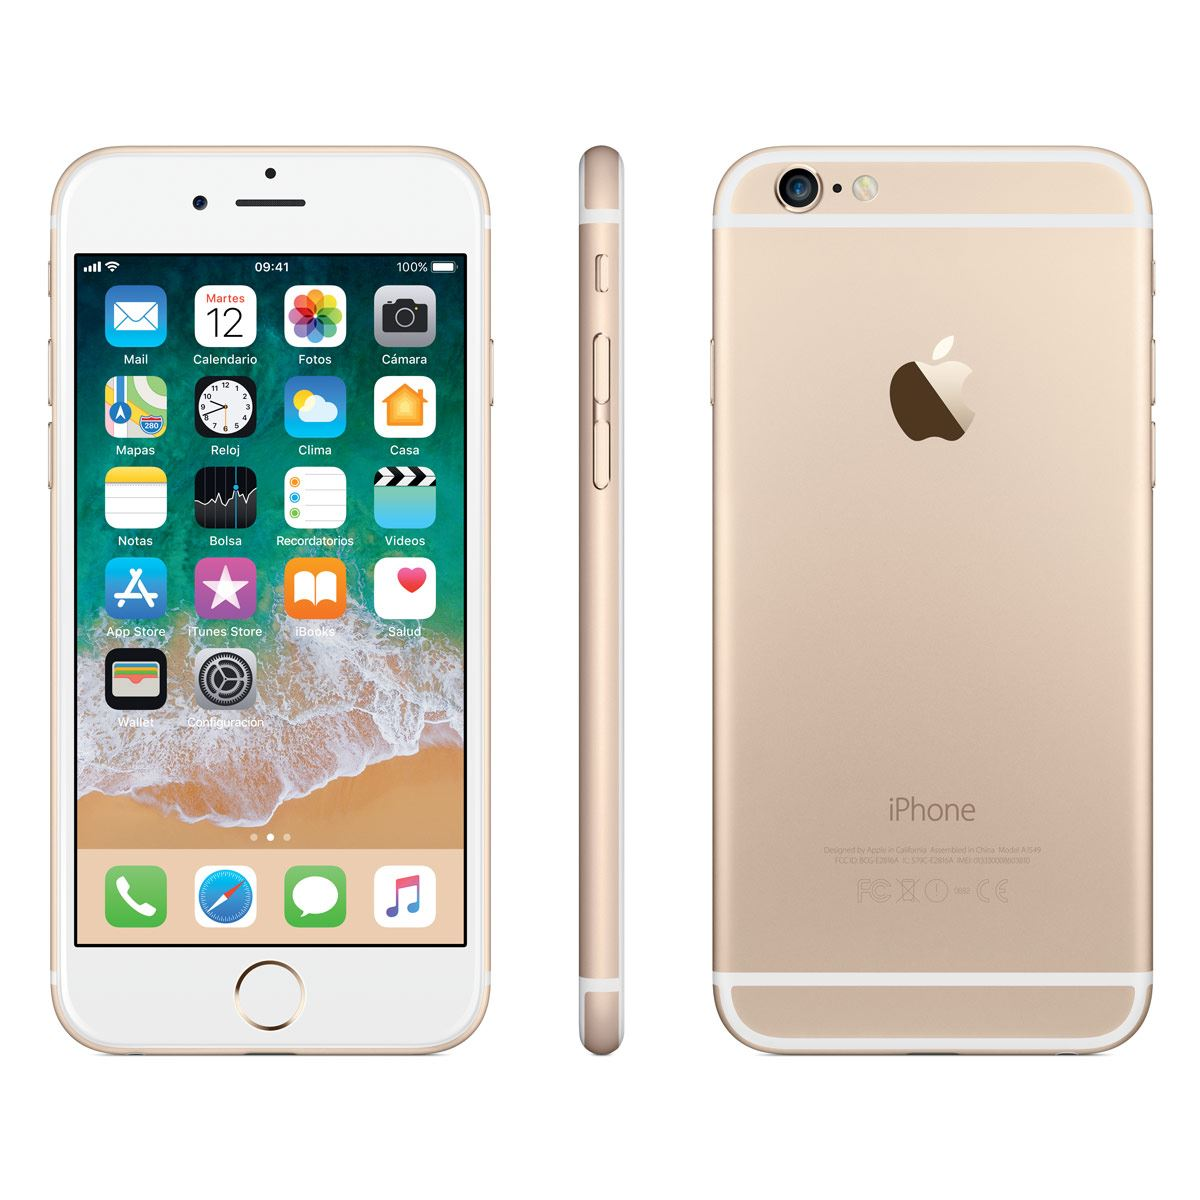 c8e5dfc657c Celular iPhone 6 32GB Color Oro R9 (Telcel)